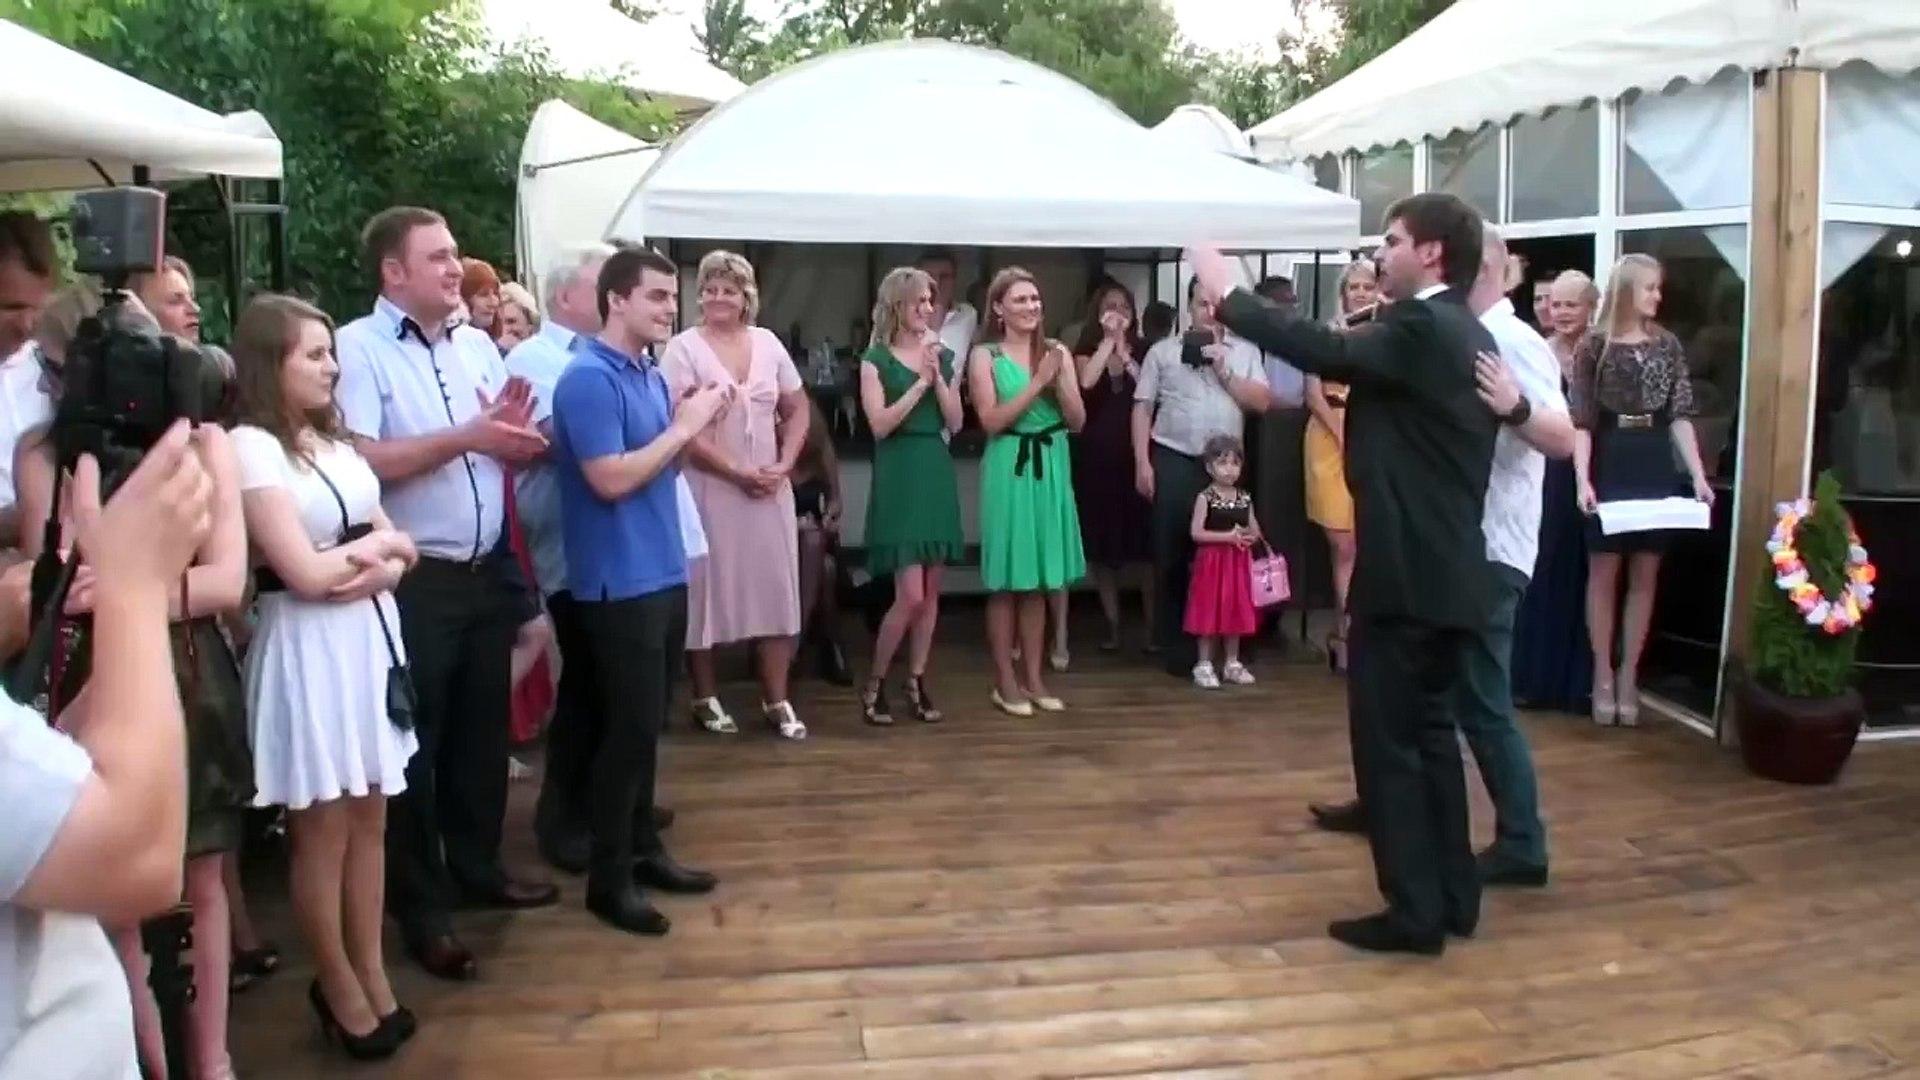 Невеста Pole Dance зажигает! Супер свадебный танец. Pole Dance на свадьбе. Невеста на шесте